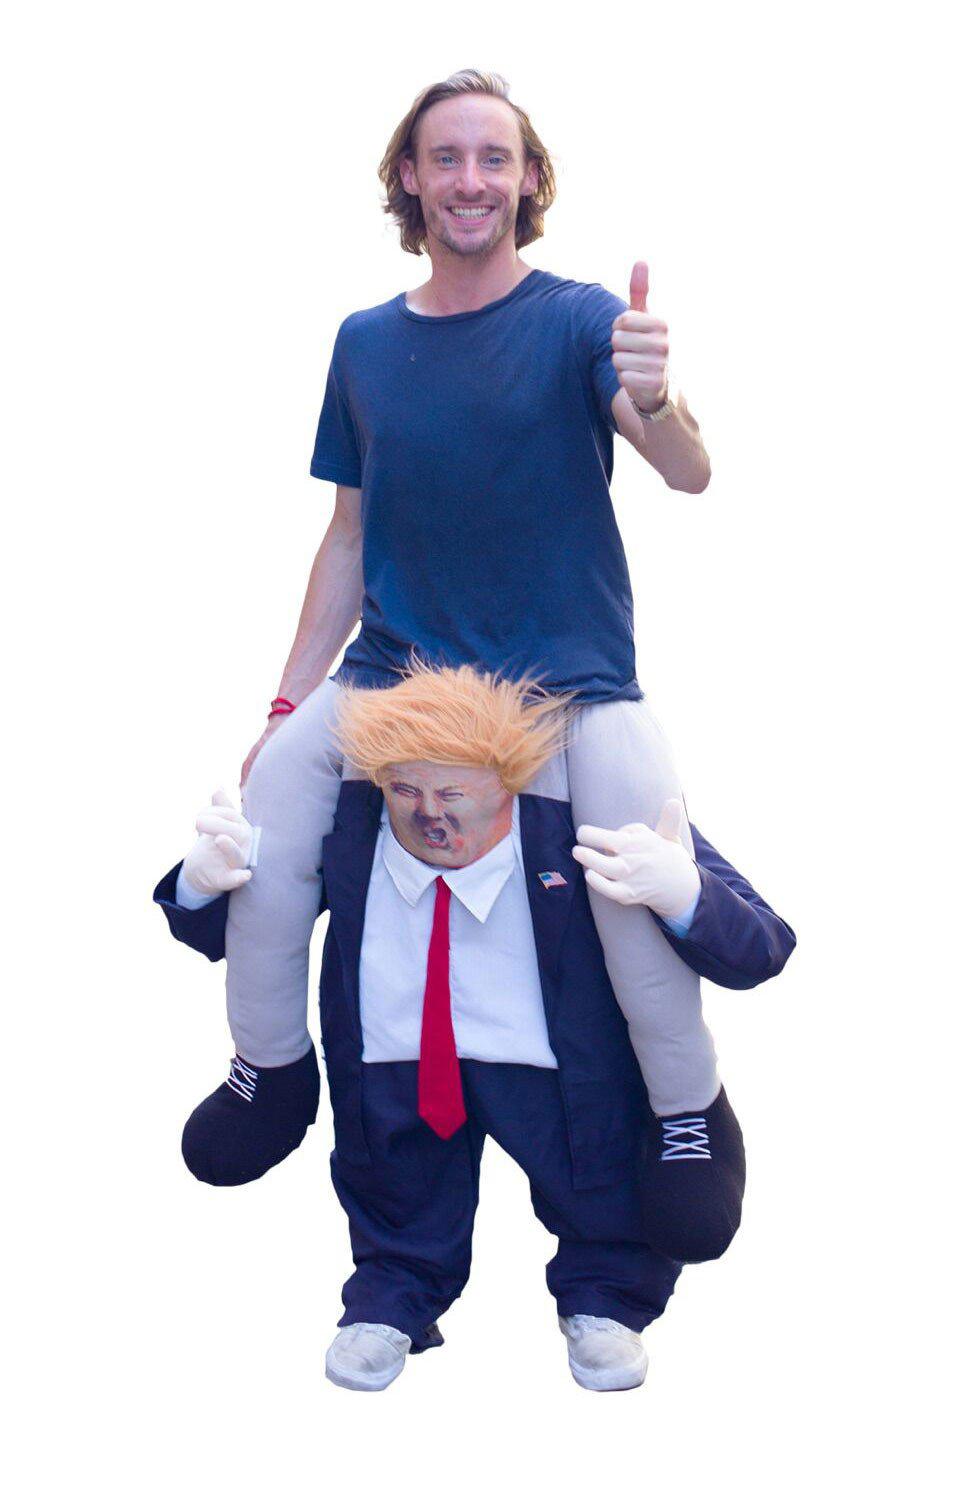 해외 할로윈엔 트럼프에 목마를 탈것입니다. Ride on Trump